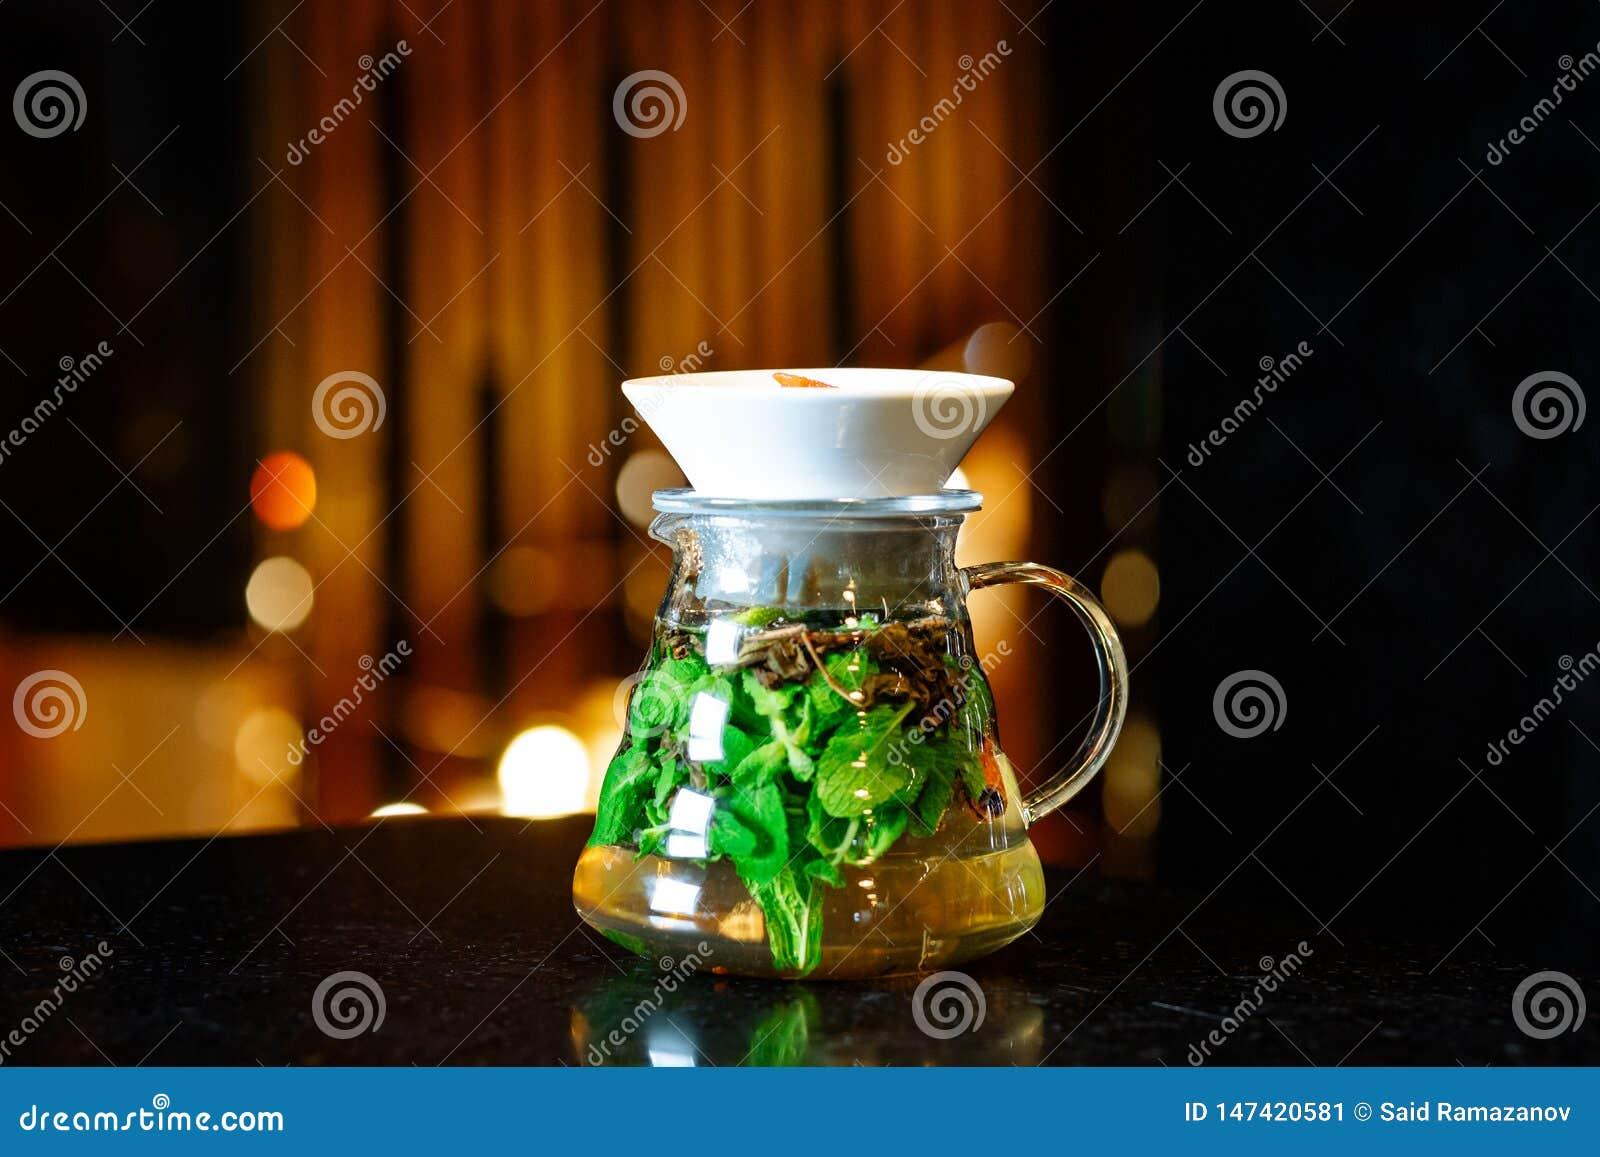 Mojito in a jug on a dark table